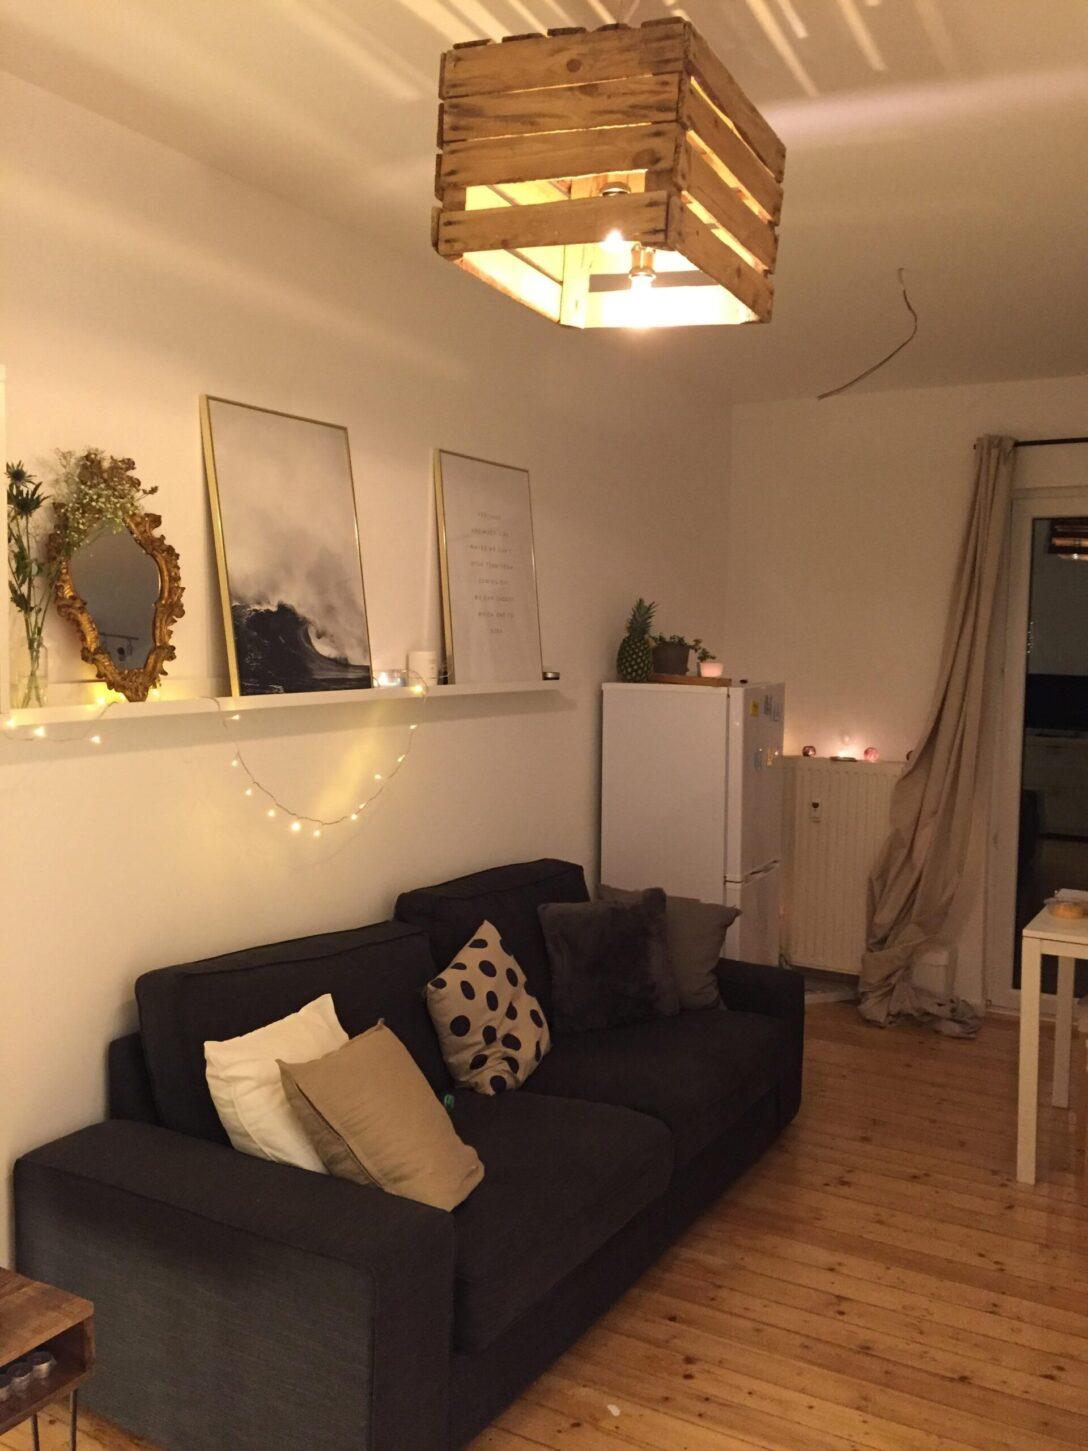 Large Size of Ikea Wohnzimmer Lampe Lampen Decke Fr Mit Diy Desenio Scandi L Led Tisch Bilder Fürs Vorhänge Stehlampen Schlafzimmer Gardinen Beleuchtung Deckenlampe Wohnzimmer Ikea Wohnzimmer Lampe